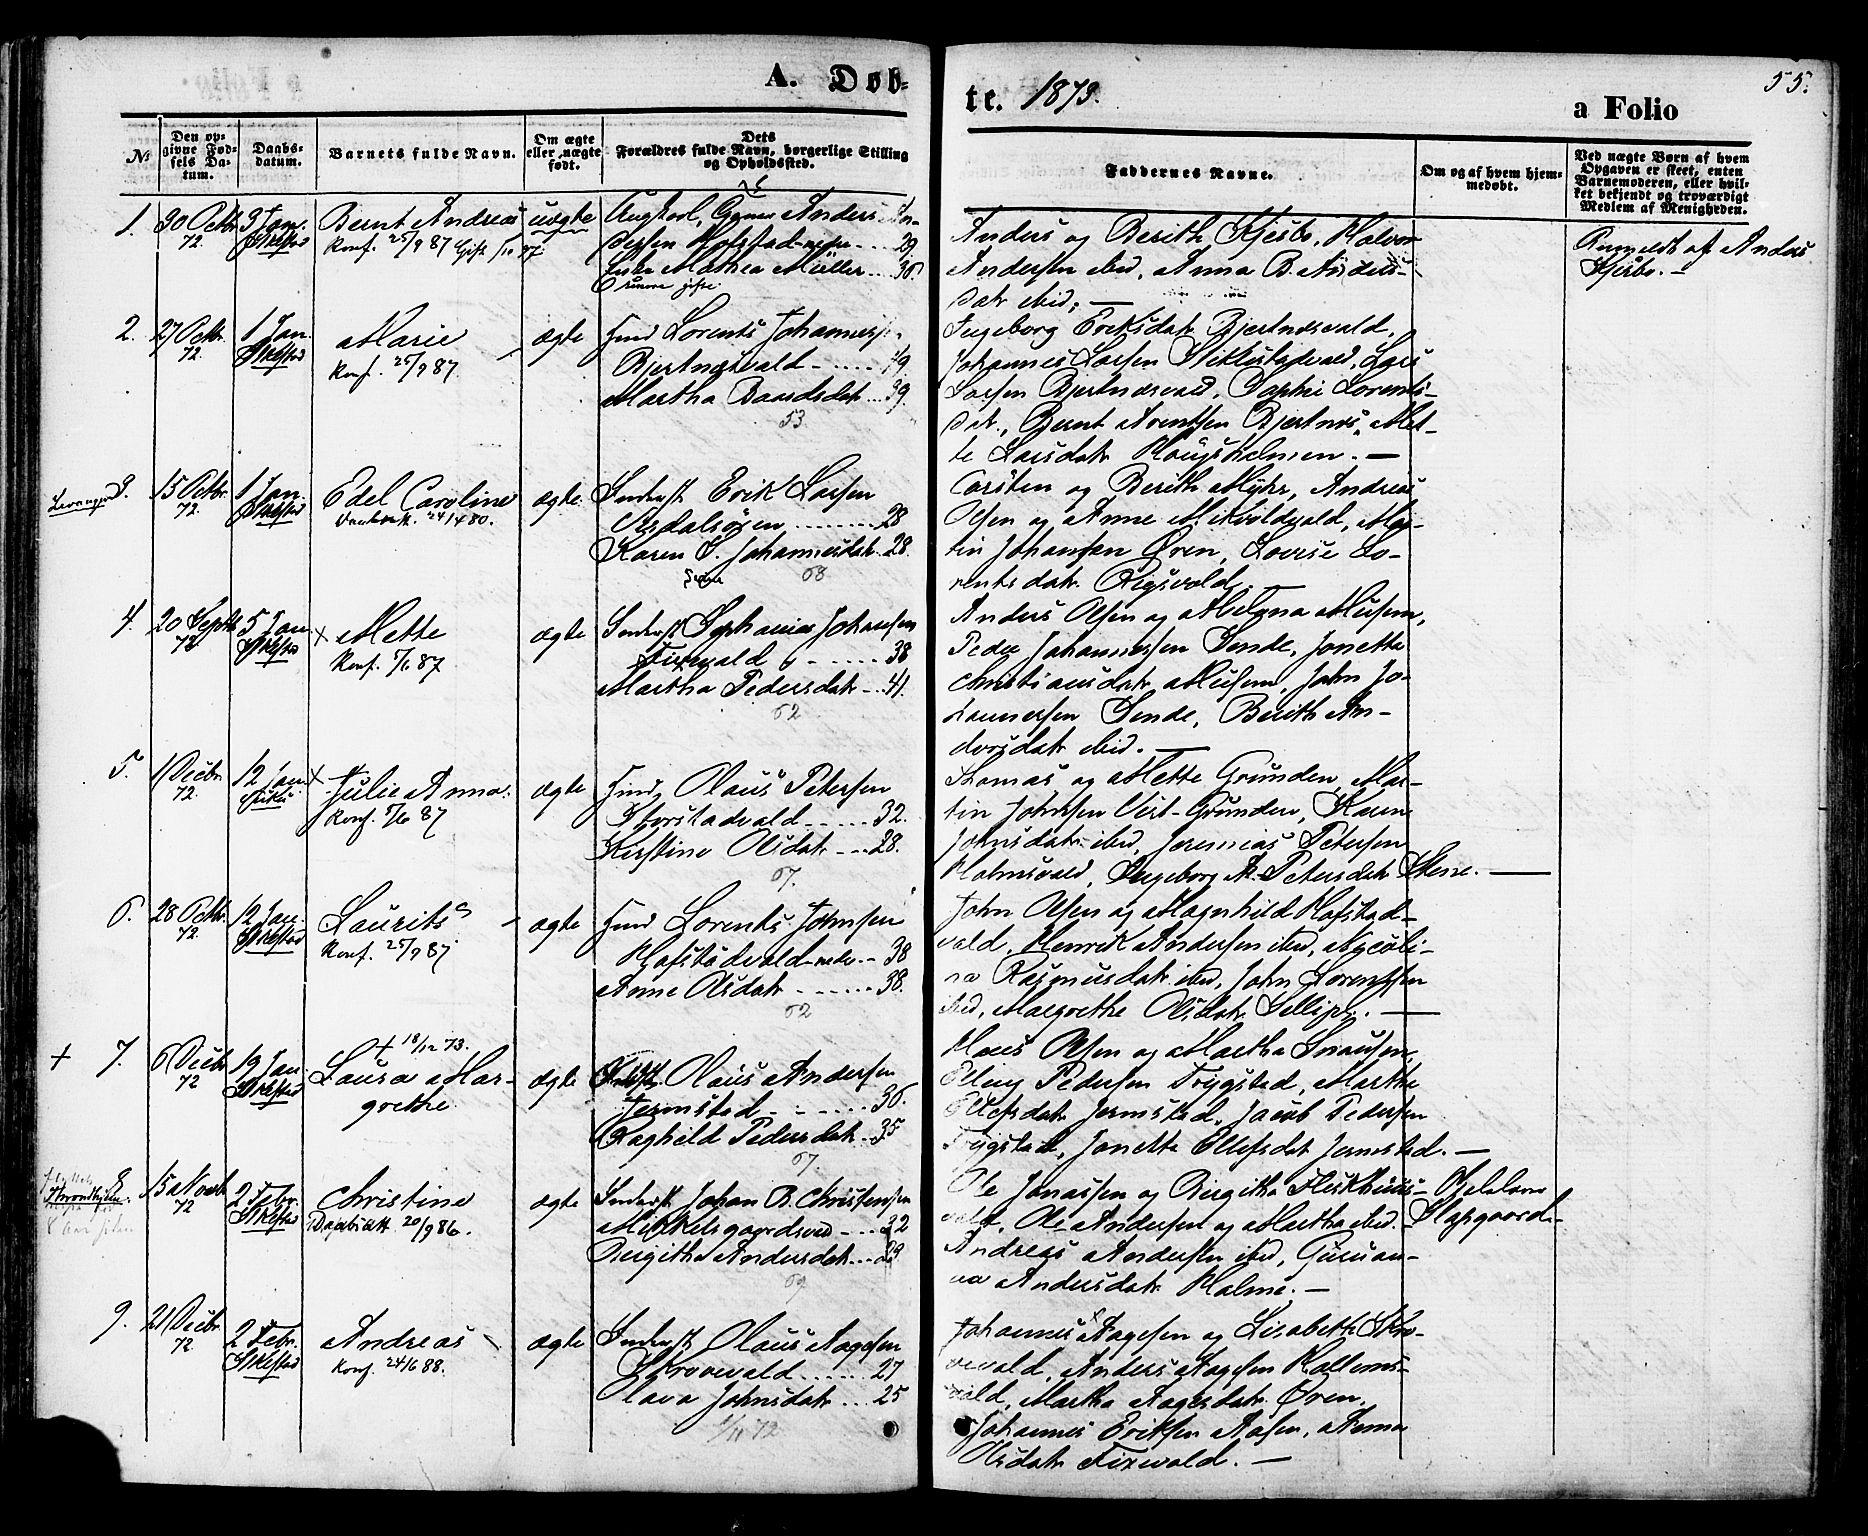 SAT, Ministerialprotokoller, klokkerbøker og fødselsregistre - Nord-Trøndelag, 723/L0242: Ministerialbok nr. 723A11, 1870-1880, s. 55